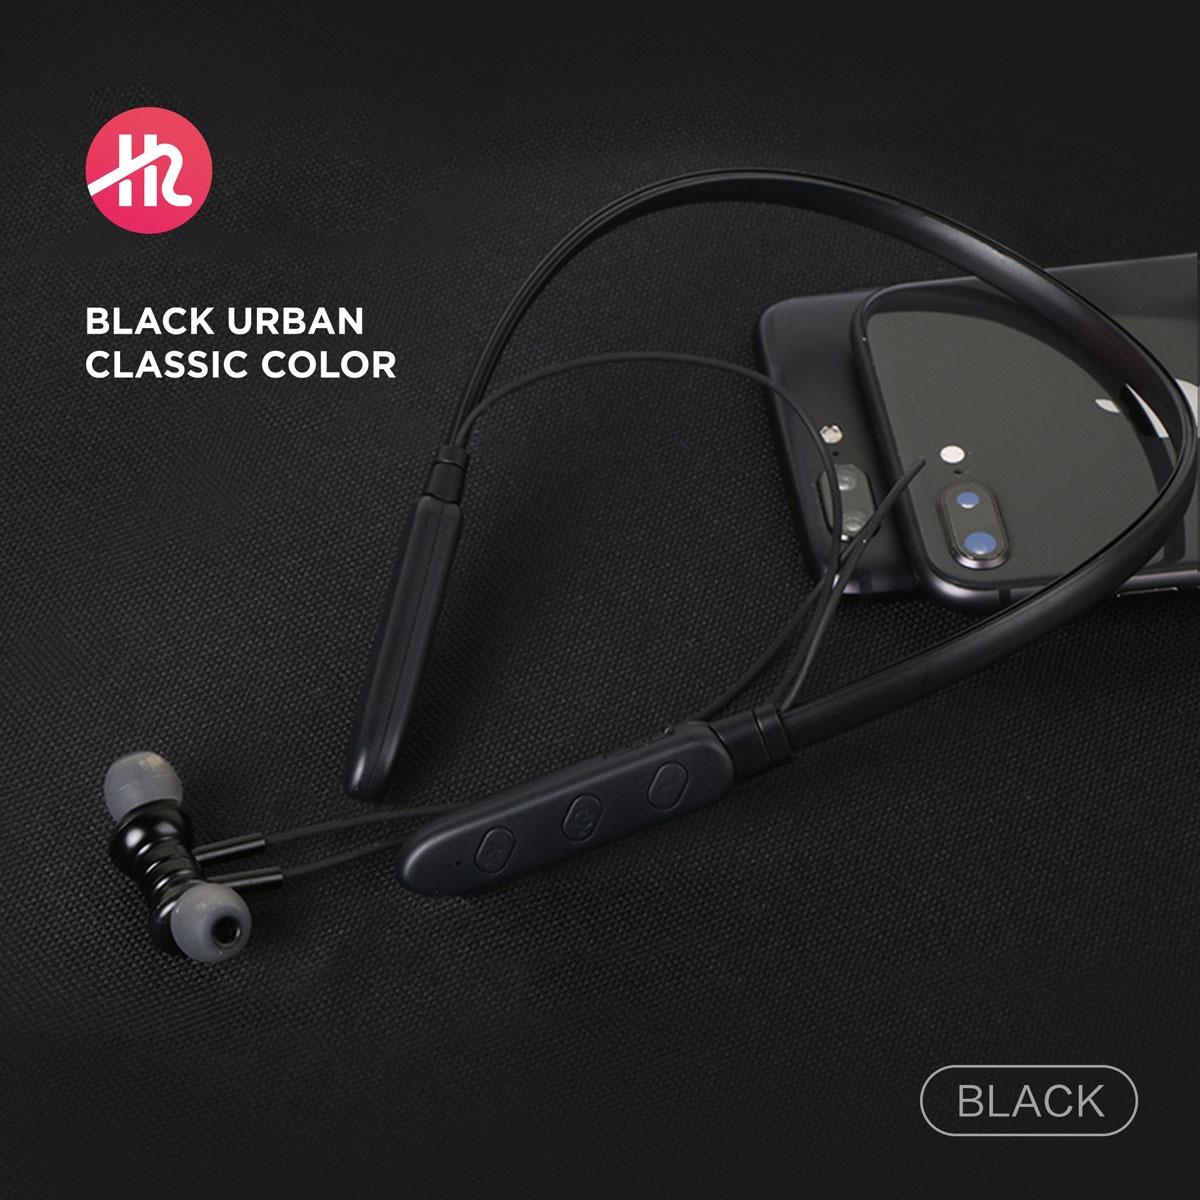 H2 gadgets Bluetooth earphone BT-03